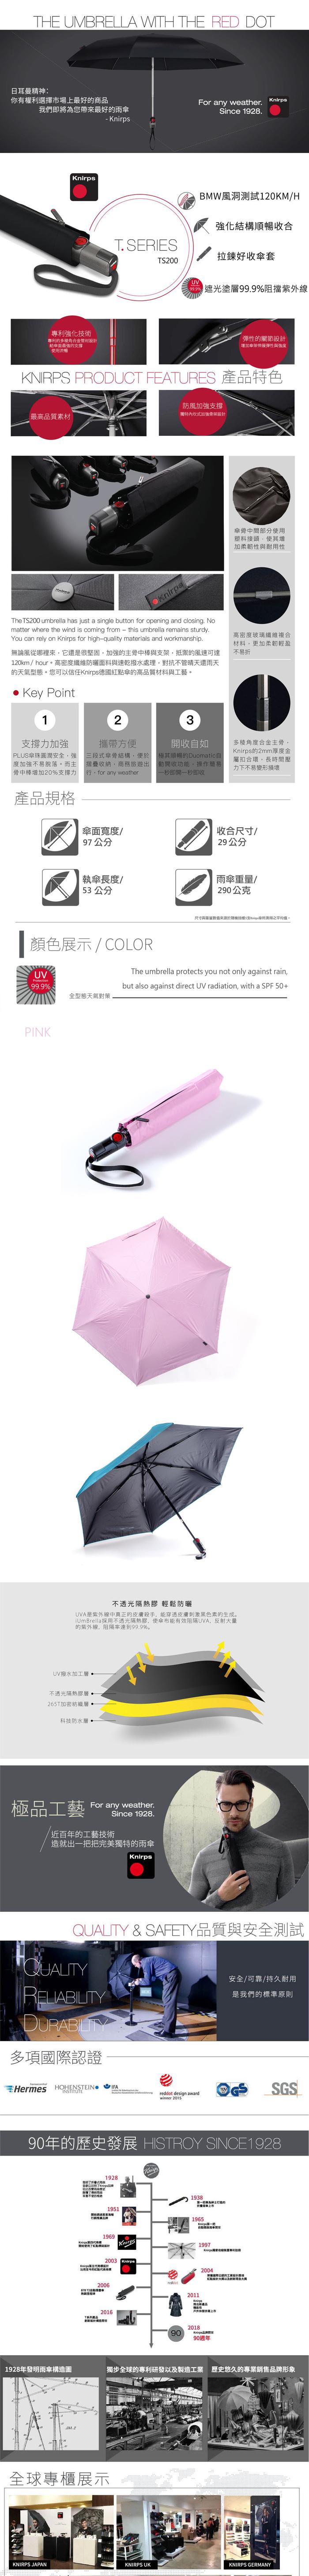 (複製)Knirps®德國紅點傘|TS.200 輕薄抗曬自動開收傘-Light Blue